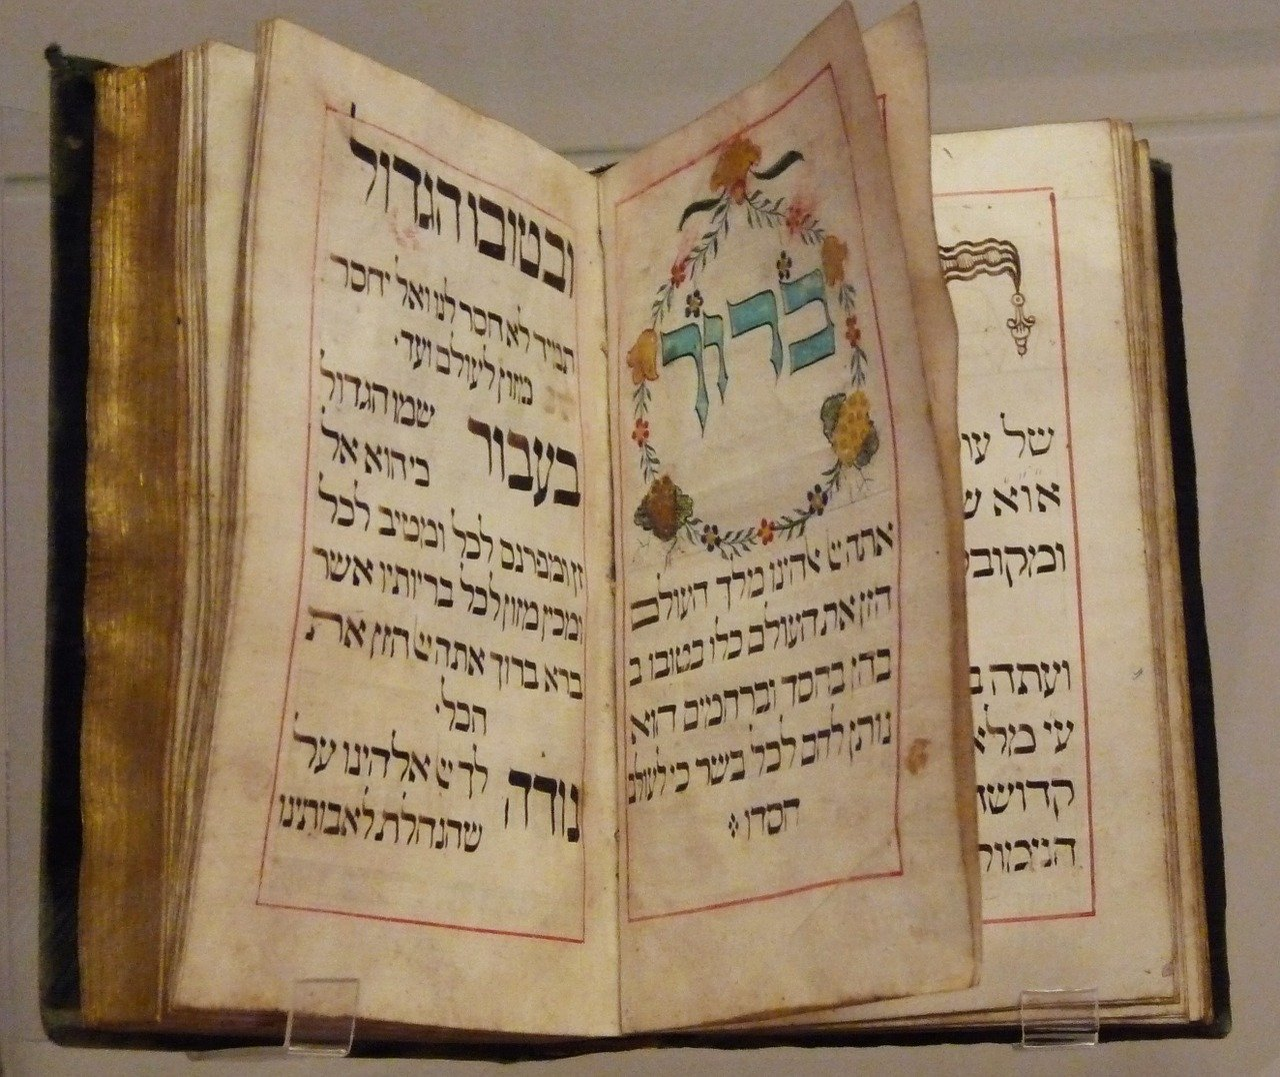 Illuminated Hebrew text